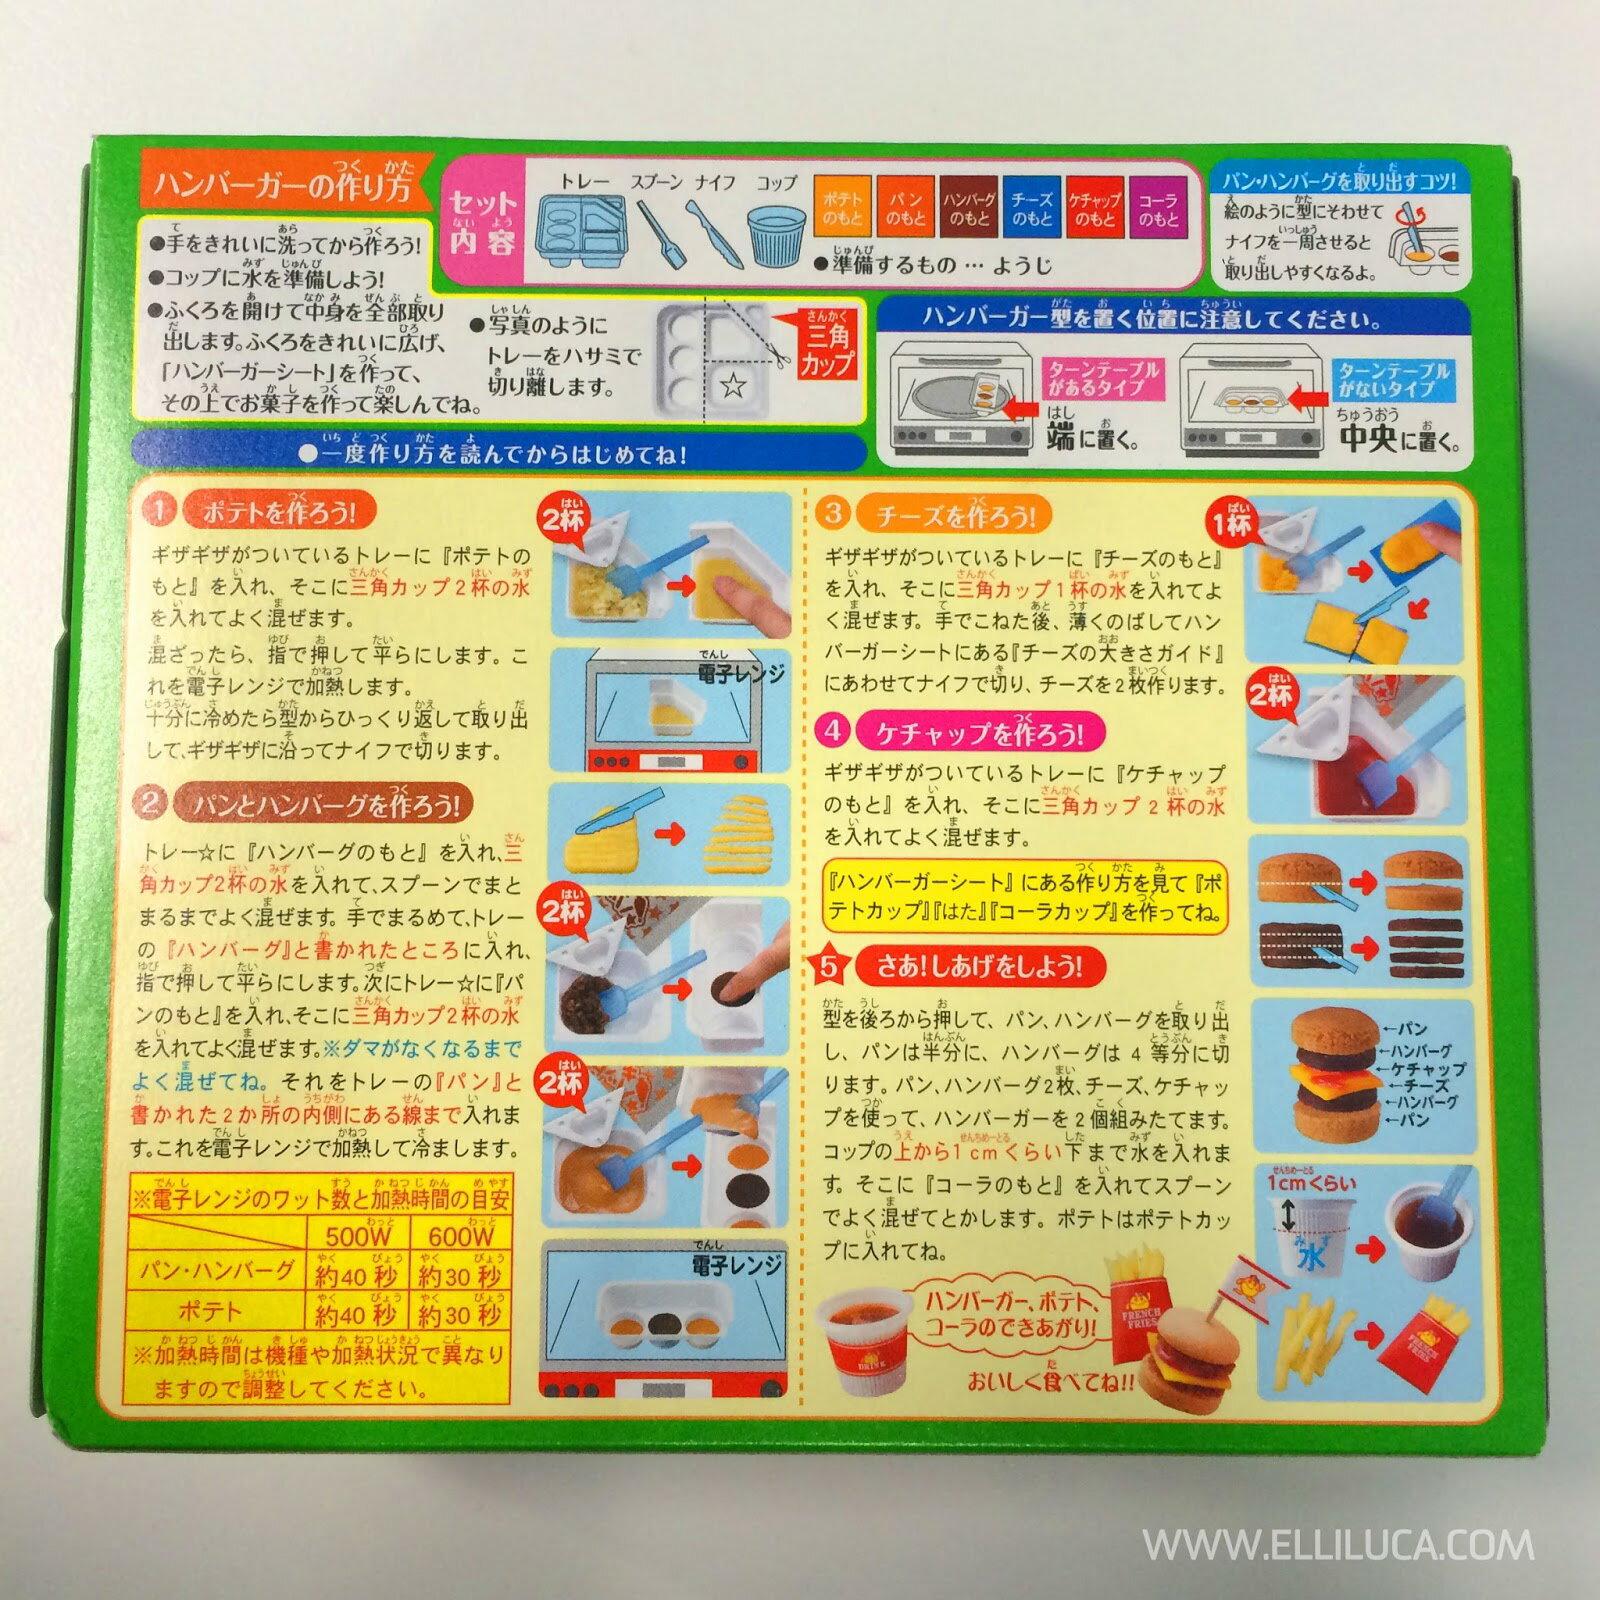 有樂町進口食品 kracie popin cookin 知育菓子 知育果子 漢堡套餐款 需微波4901551354283 5